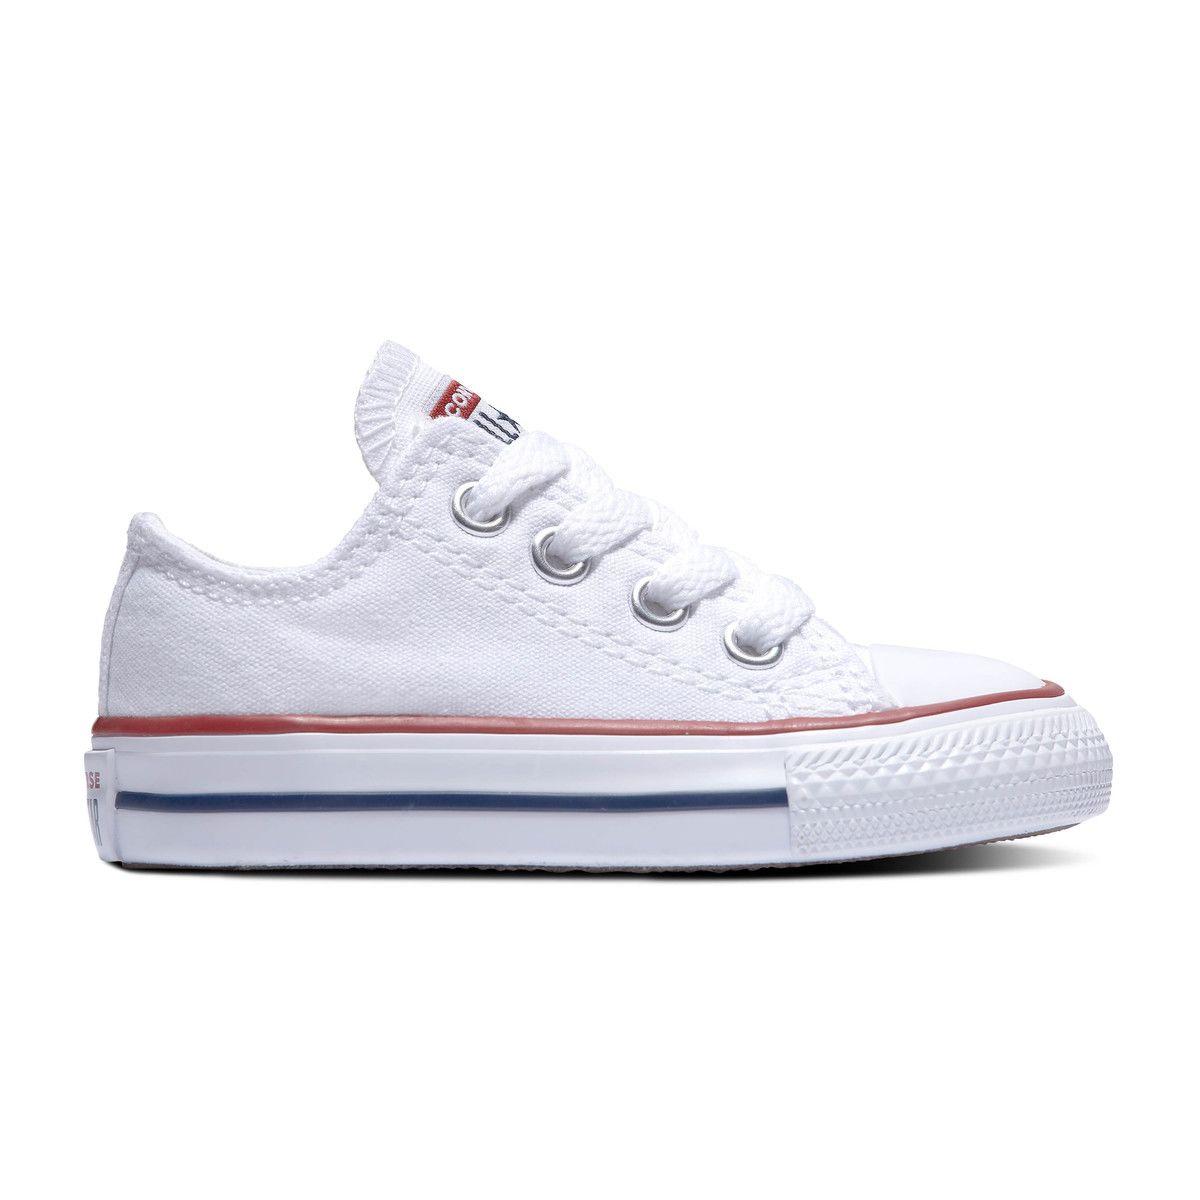 Converse Trainers - White - 7J256C ALLSTAR OX JNR 8151a0475ea